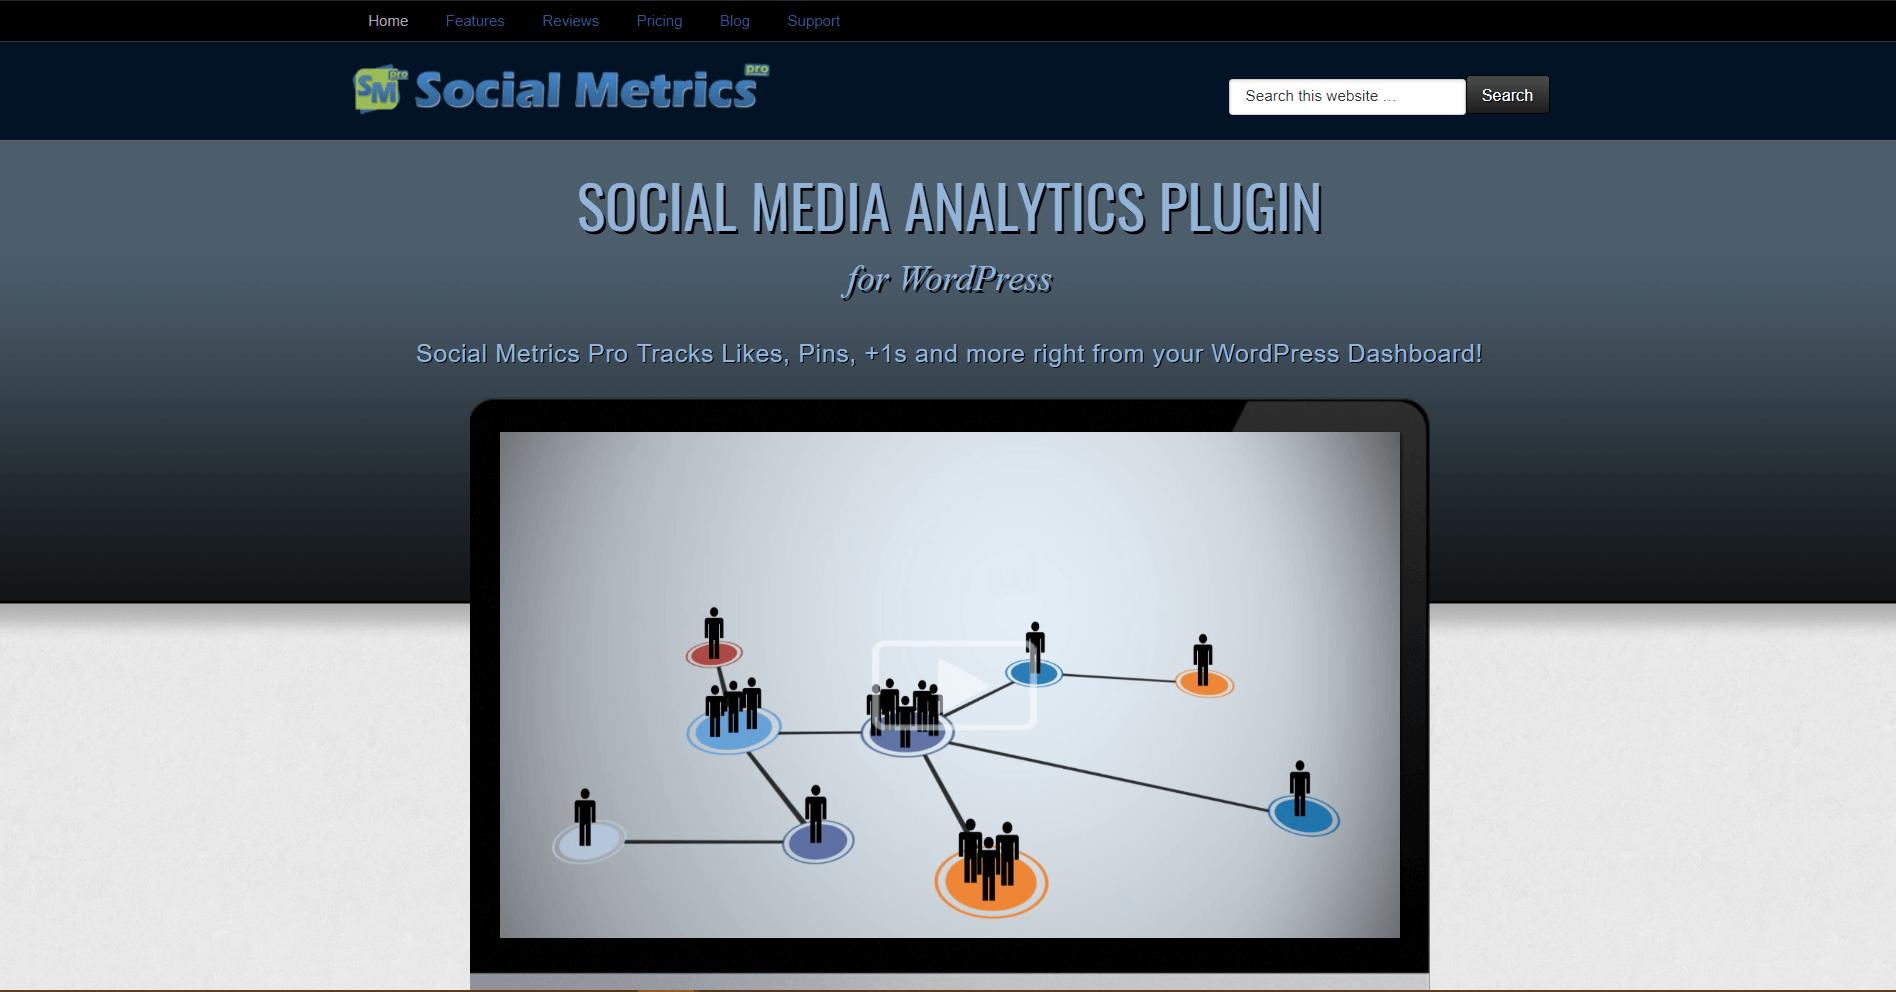 Social Metrics Pro Social Media Marketing Tool